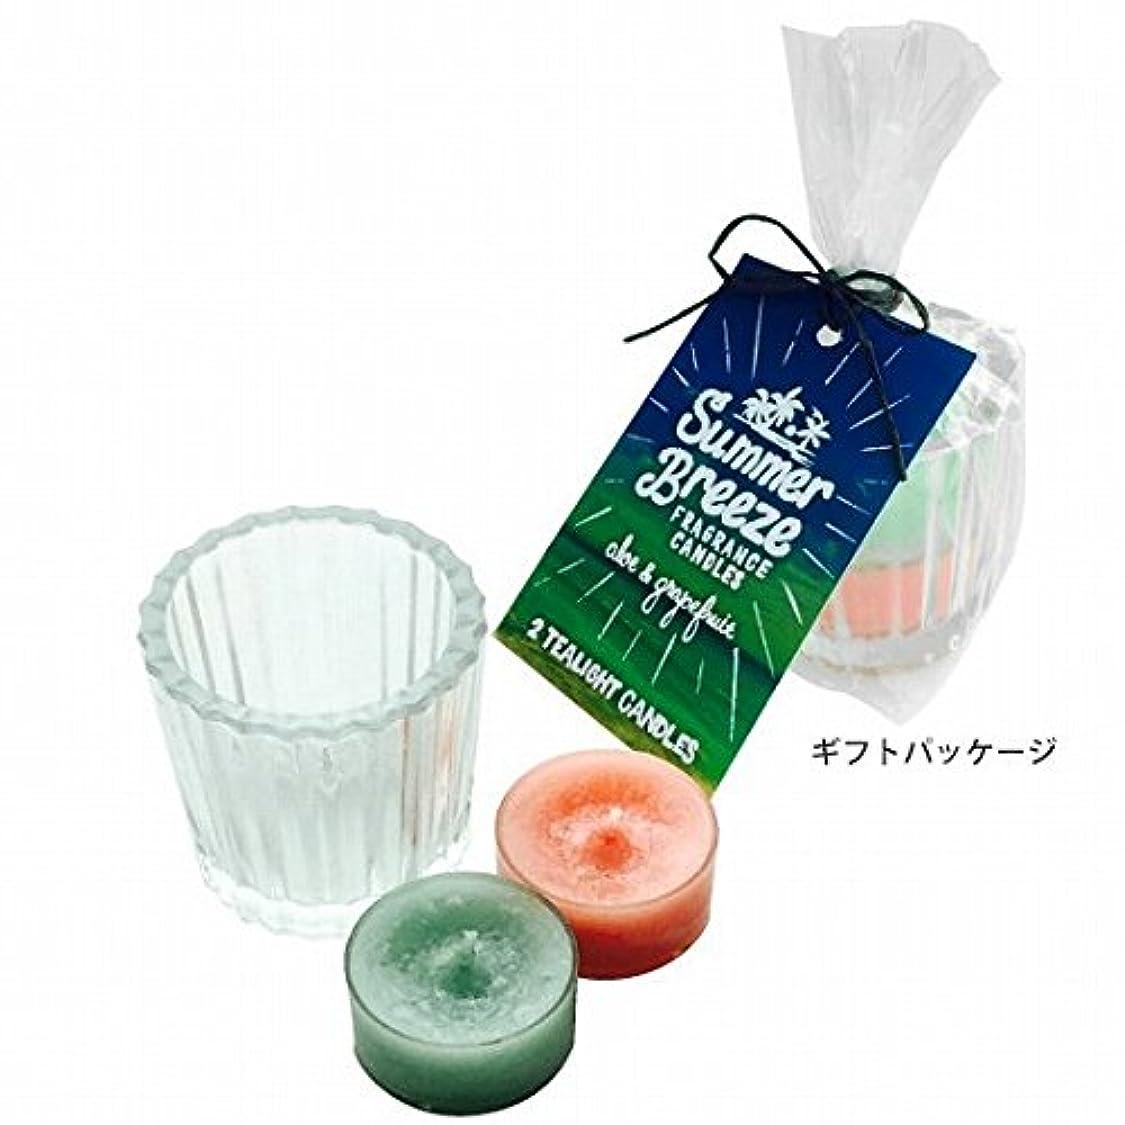 誘う報酬の真向こうカメヤマキャンドル(kameyama candle) サマーブリーズティーライトキャンドルセット